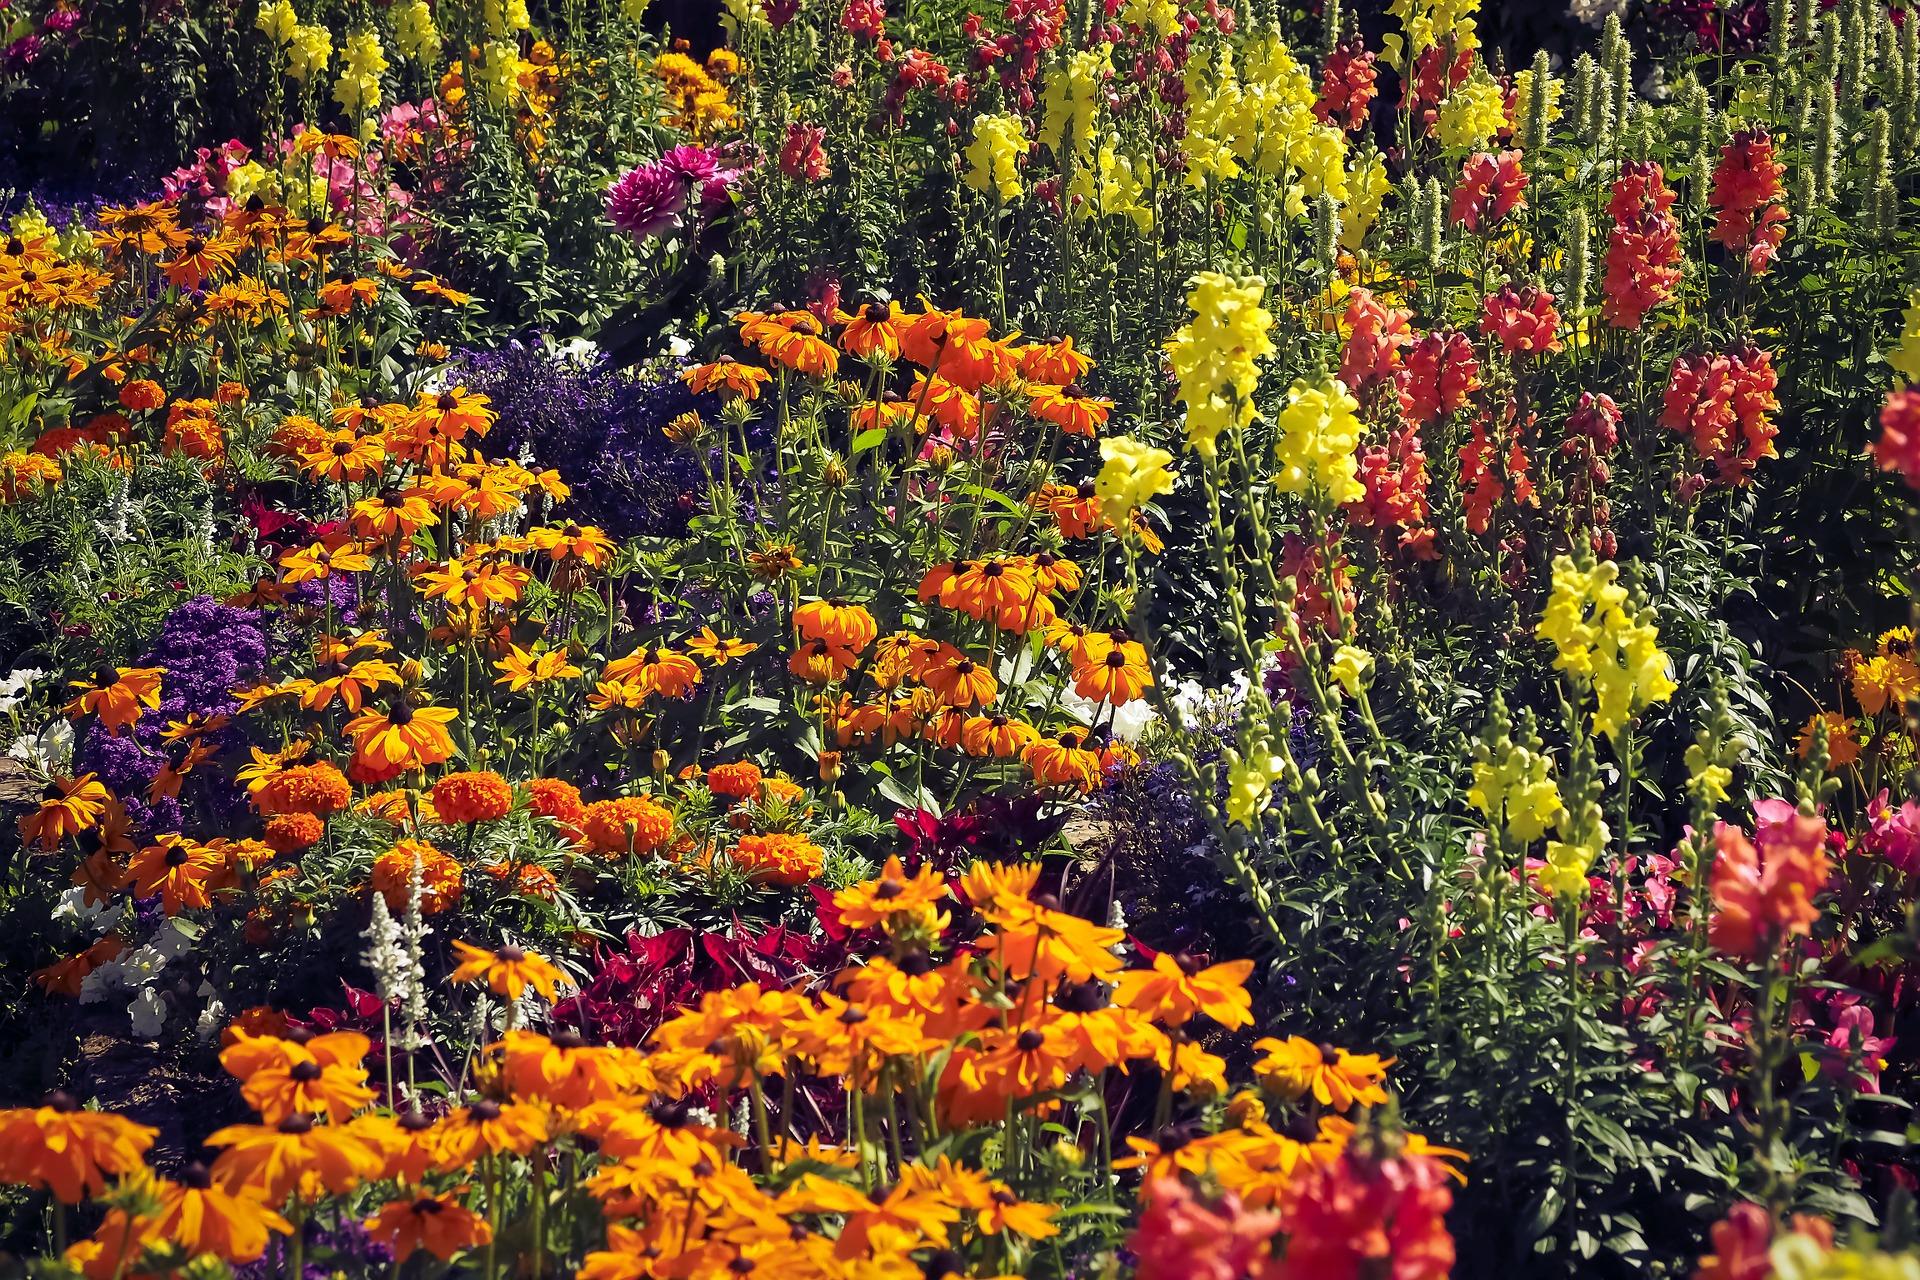 En blomsteräng fylld med blommor i olika färger